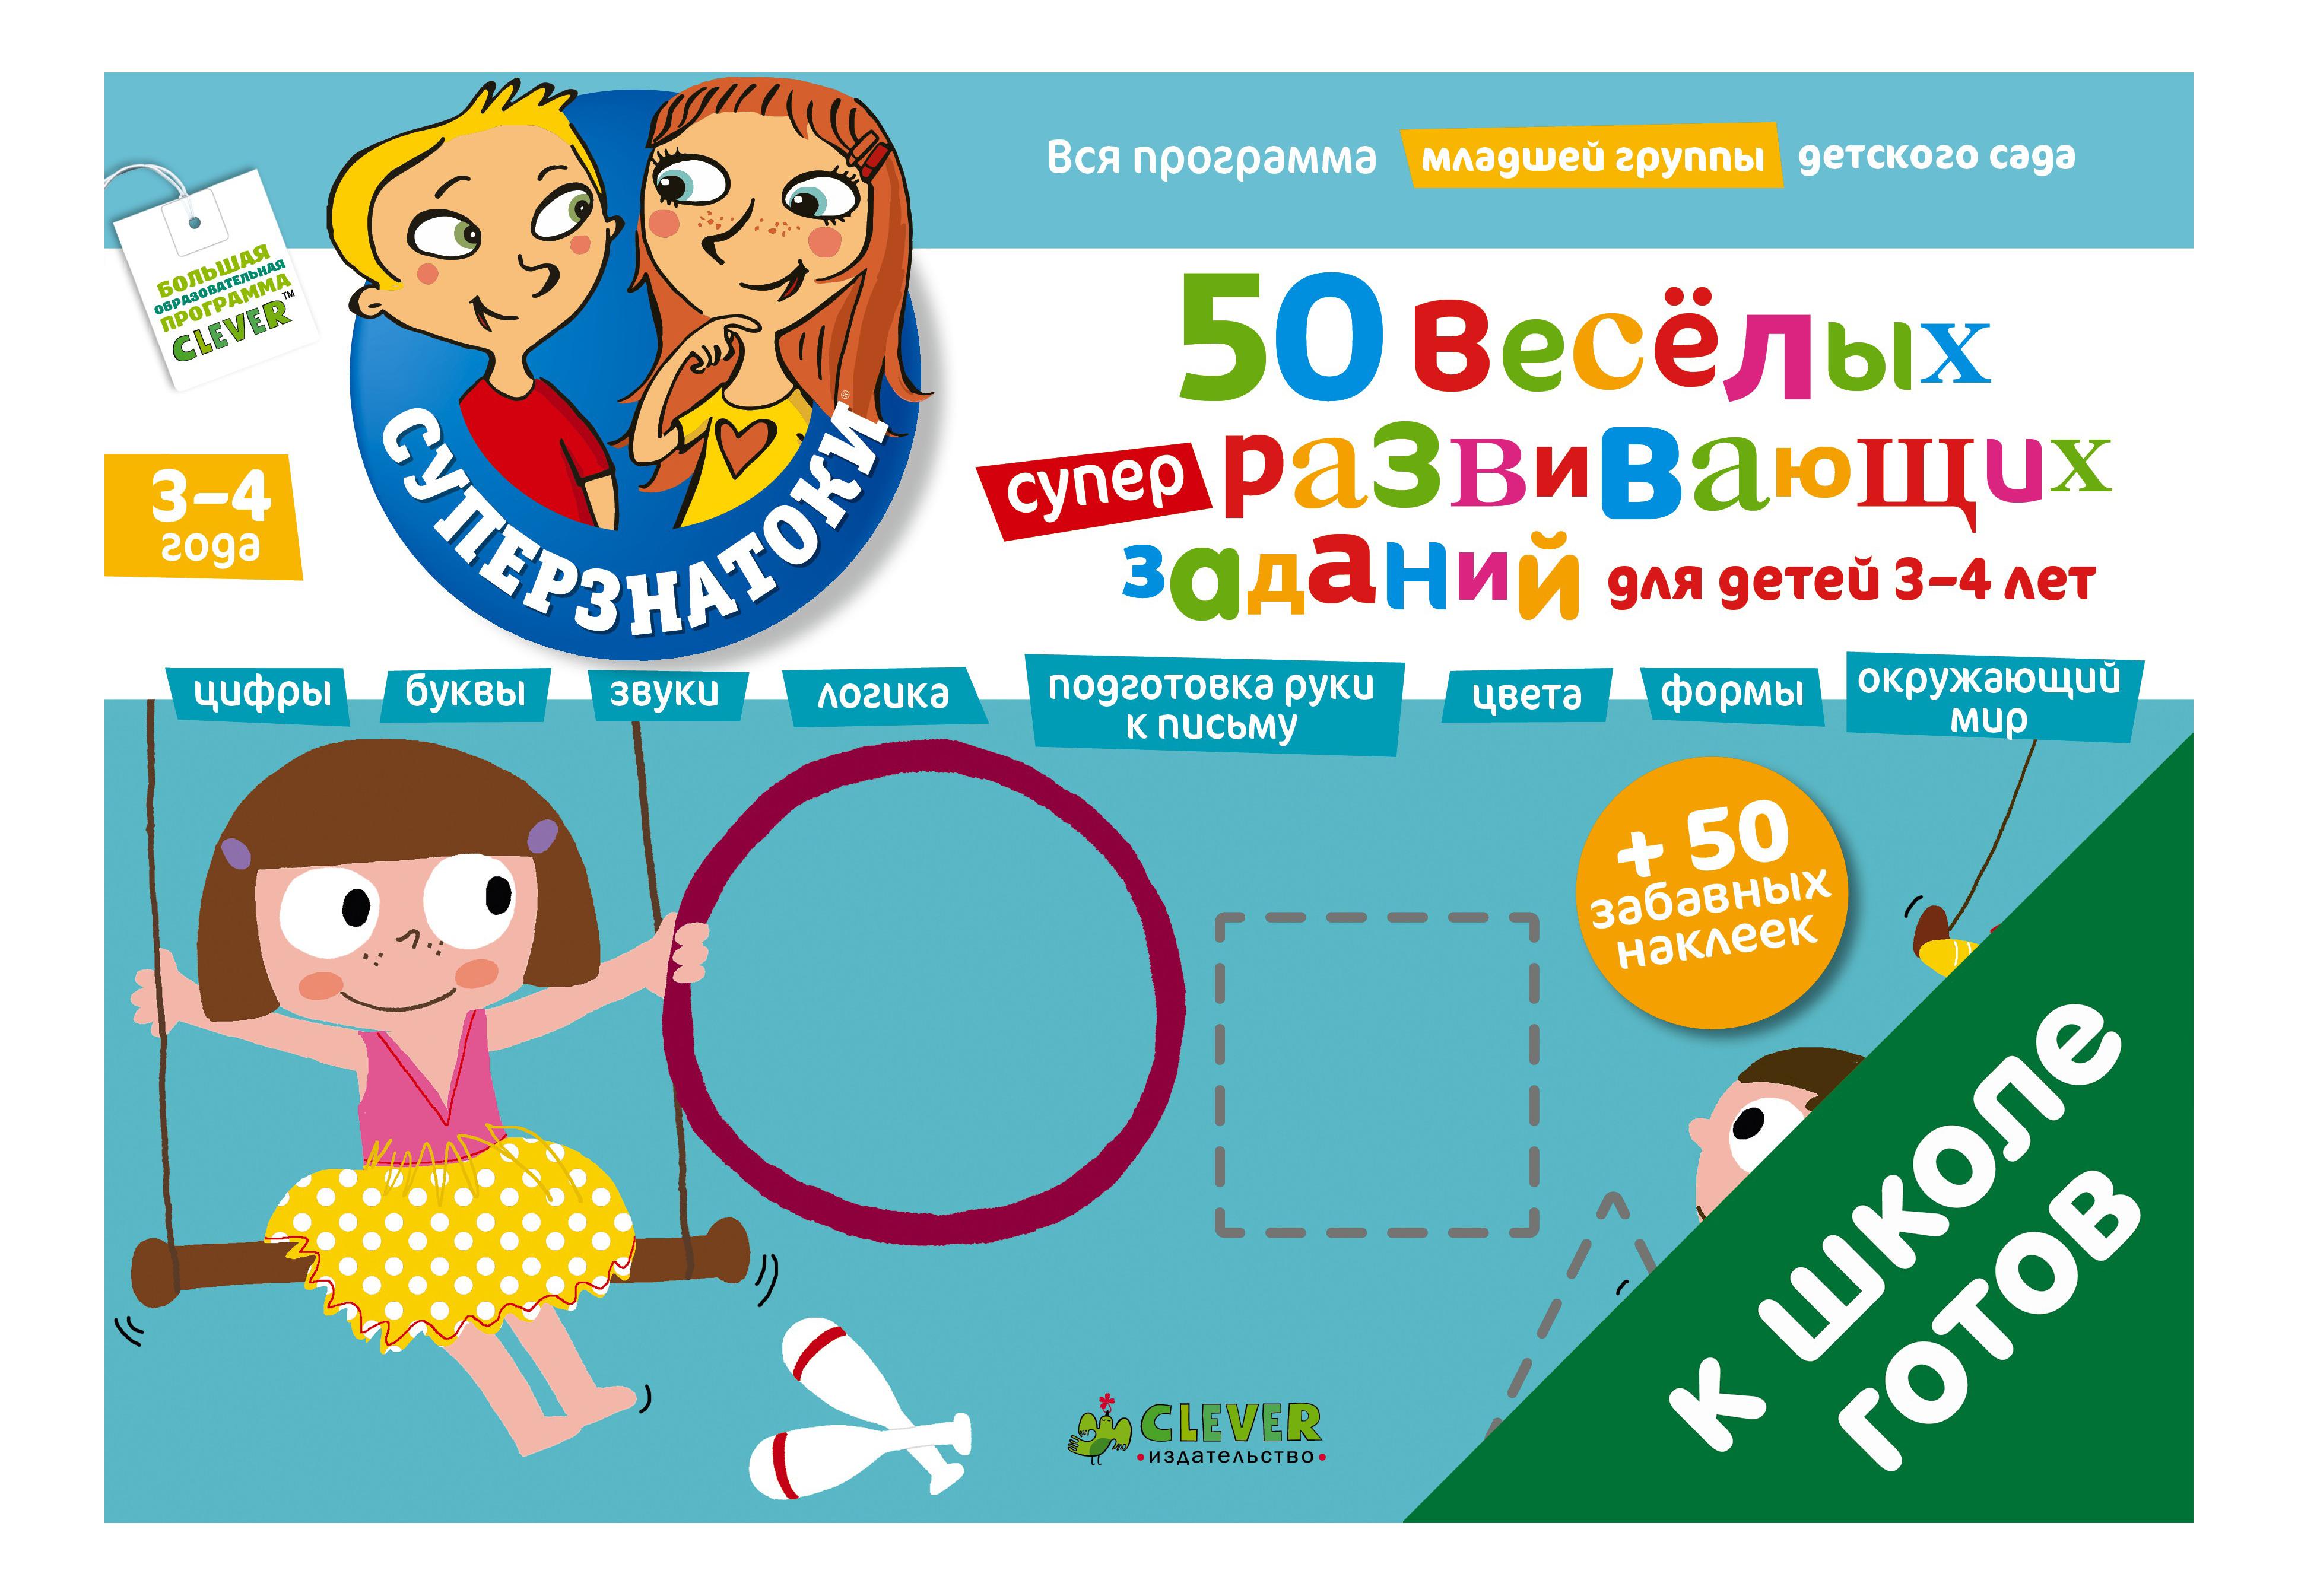 Купить 50 веселых суперразвивающих заданий для детей 3-4, Книга 50 Вес, Суперраз, Зад, 3-4Л, Clever, Книги по обучению и развитию детей